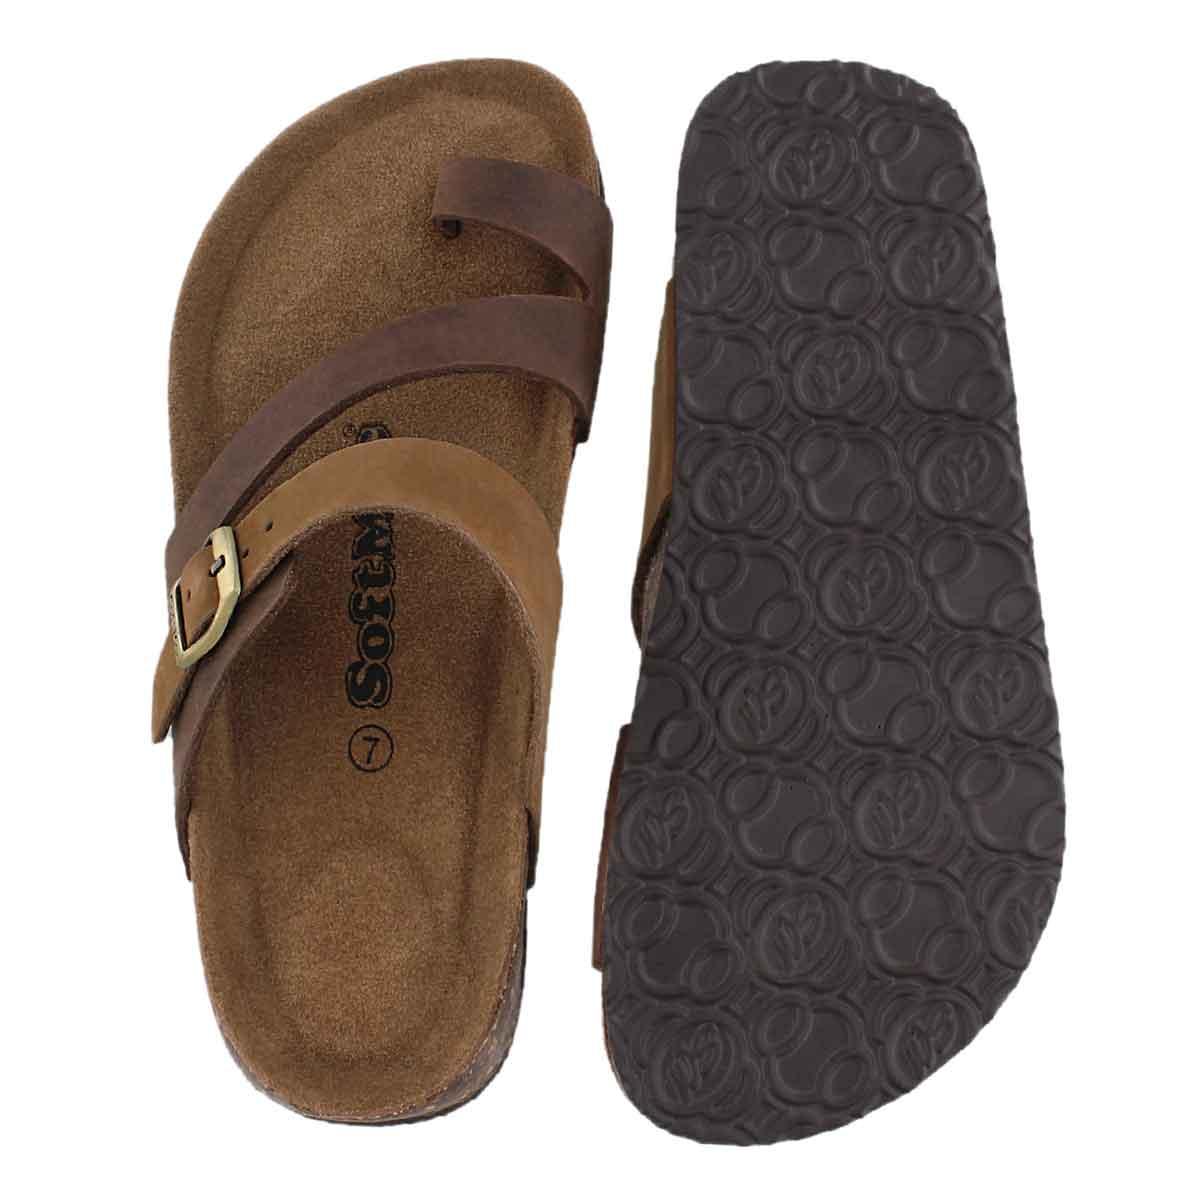 Lds Aileen 5 tpe crz memory foam sandal